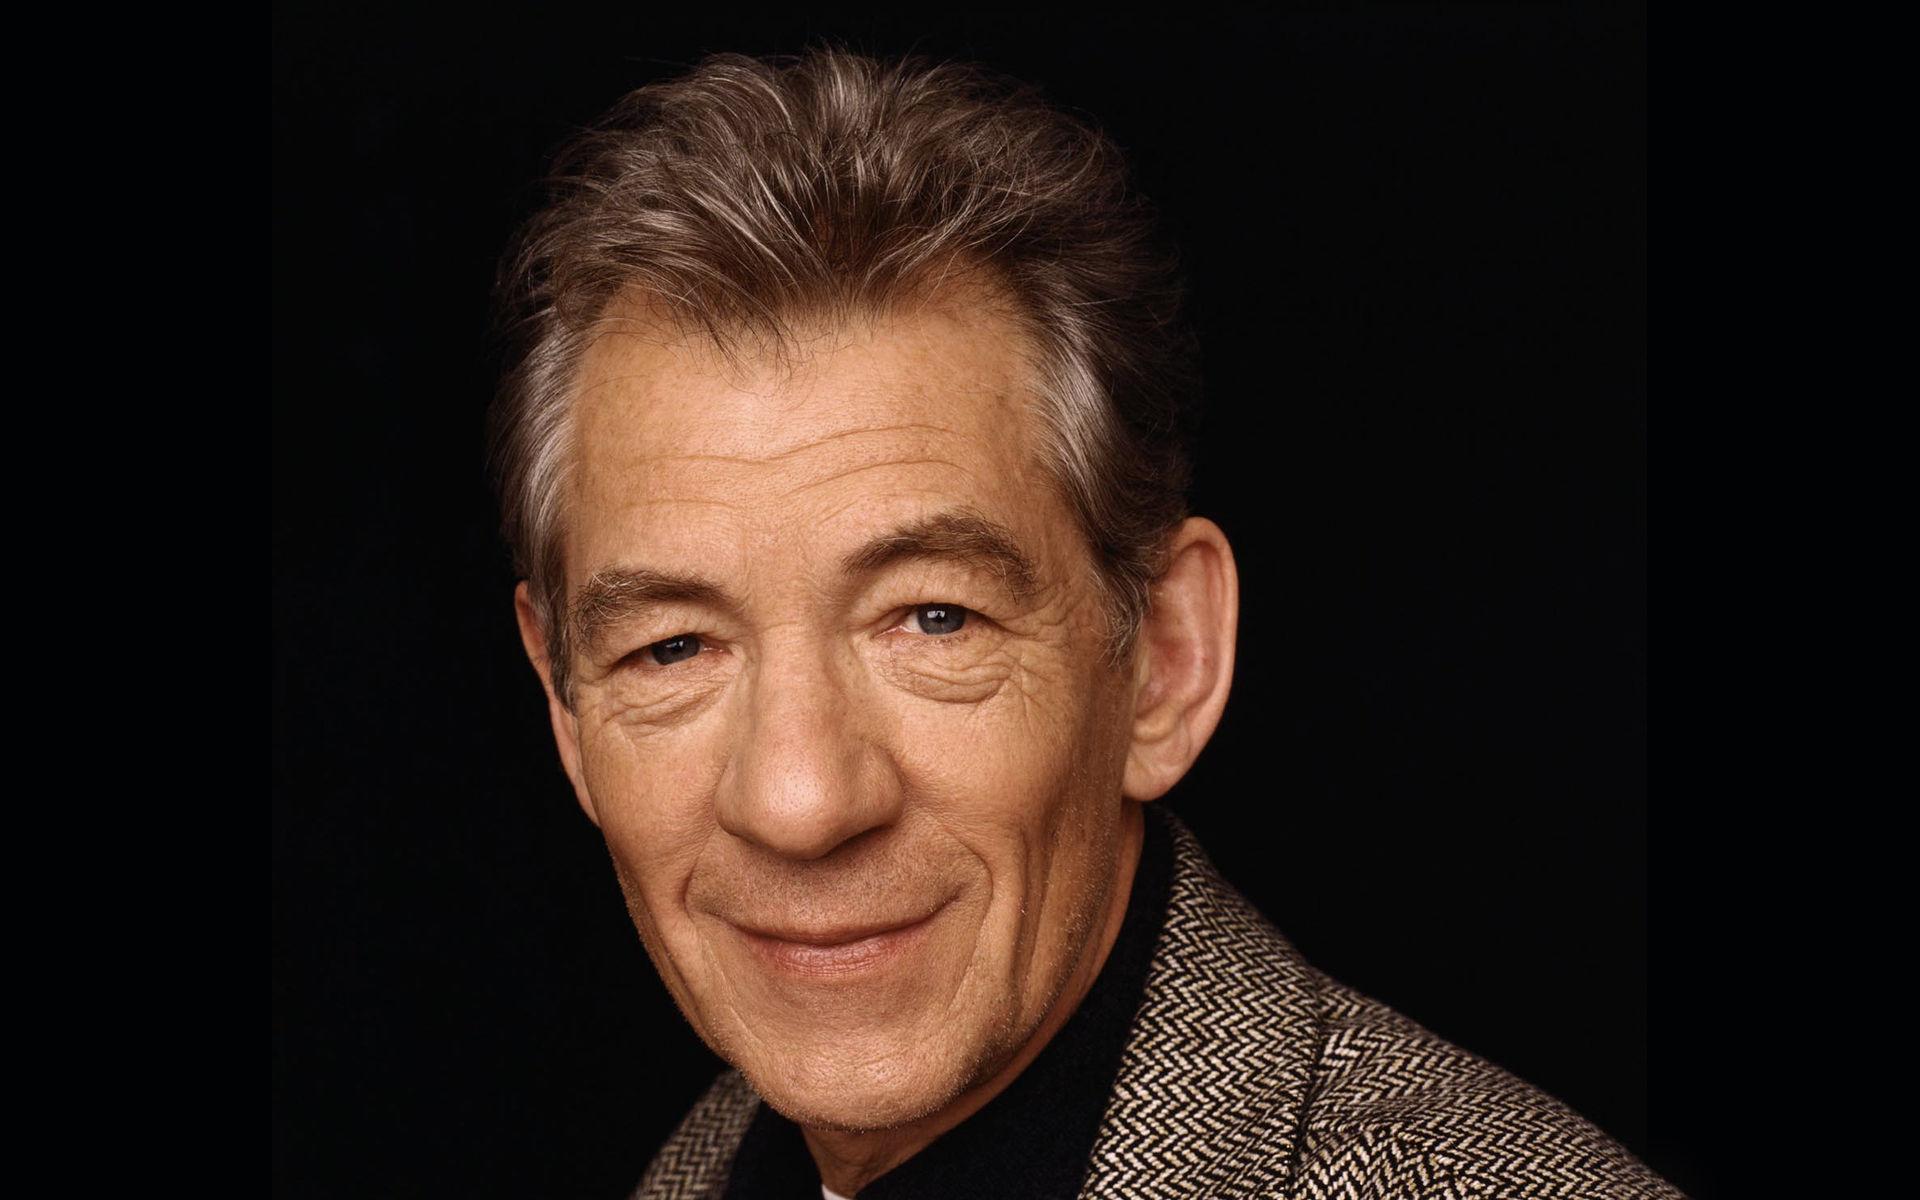 ¿En qué serie o película no ha participado Ian McKellen?